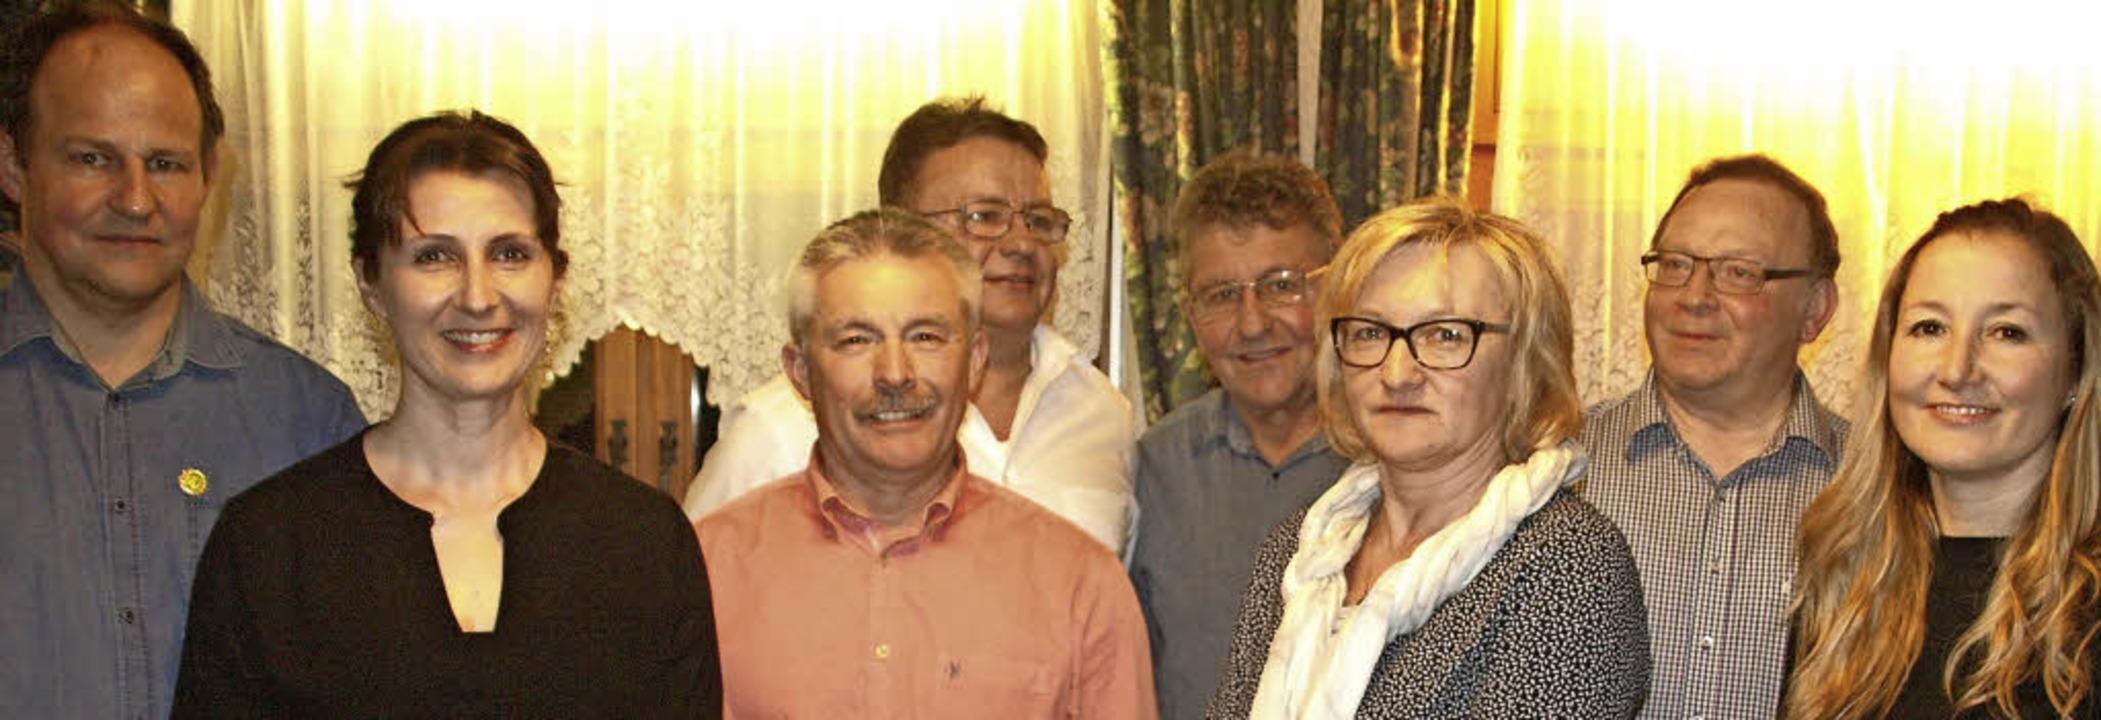 Gleich doppelt geehrt werden konnten d... Ebner sowie Doris Fischer (von links)  | Foto: Karin Stöckl-Steinebrunner